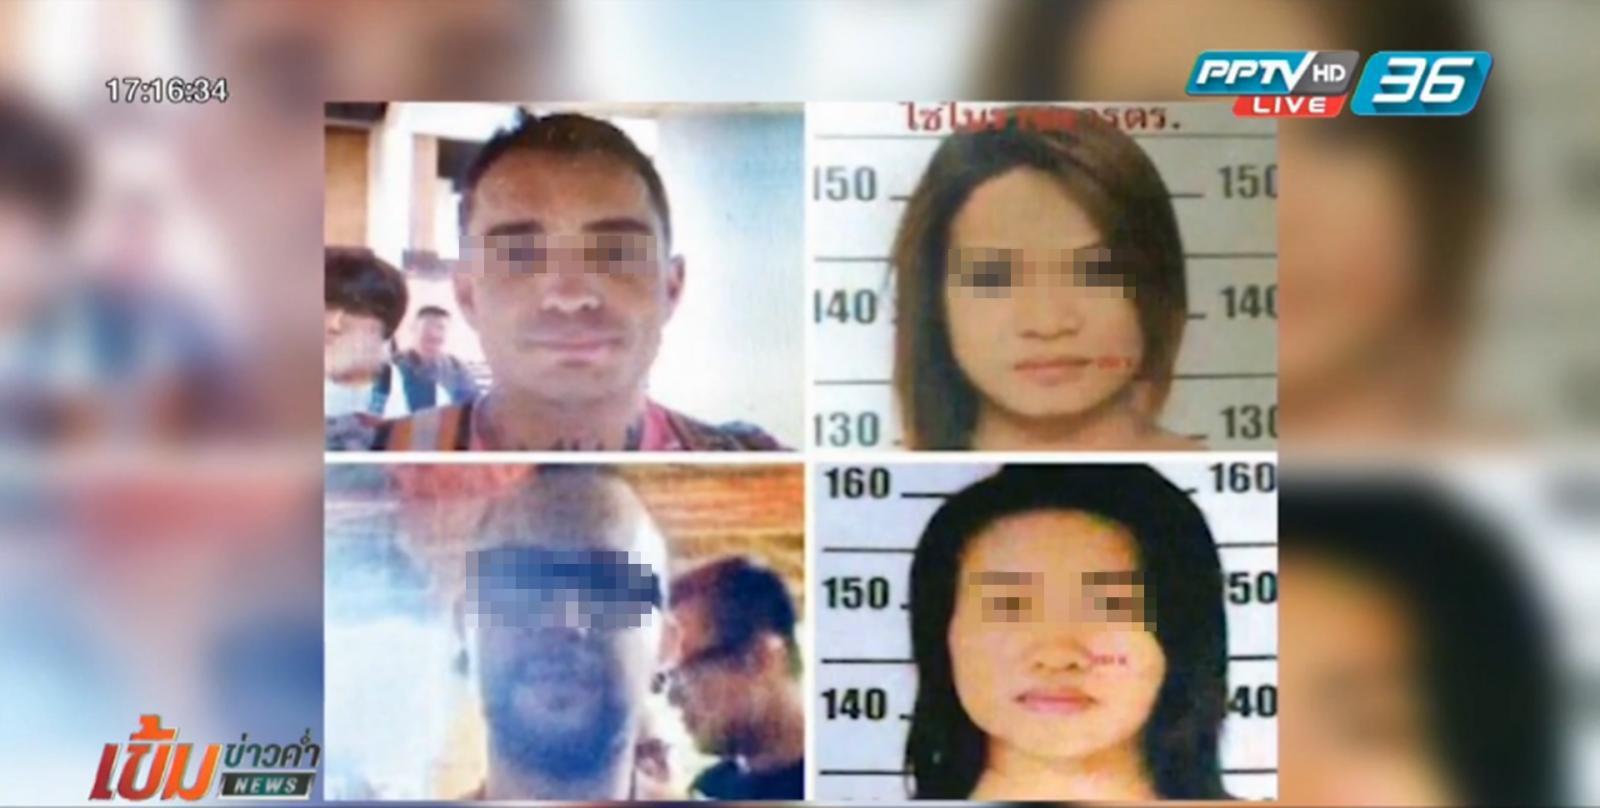 ติดตามหญิงไทย เอี่ยวคดีฆ่าหั่นศพหนุ่มสเปน